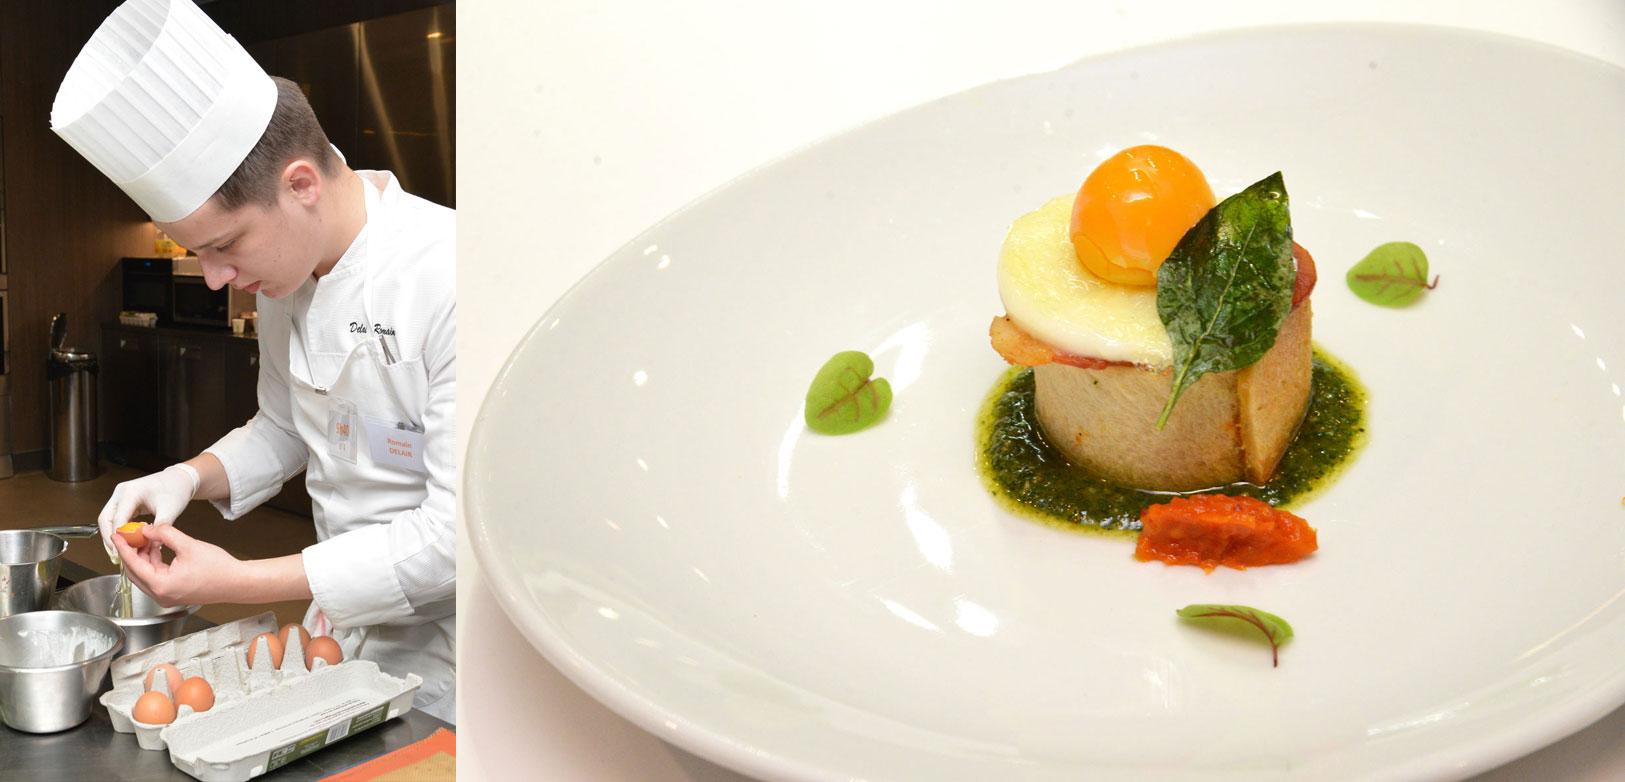 « L'Œuf version miroir aux saveurs de l'Italie : pesto de roquette, fondue de tomate basilic parmesan au lard de Colonnata dans un tube croustillant » Romain Delair